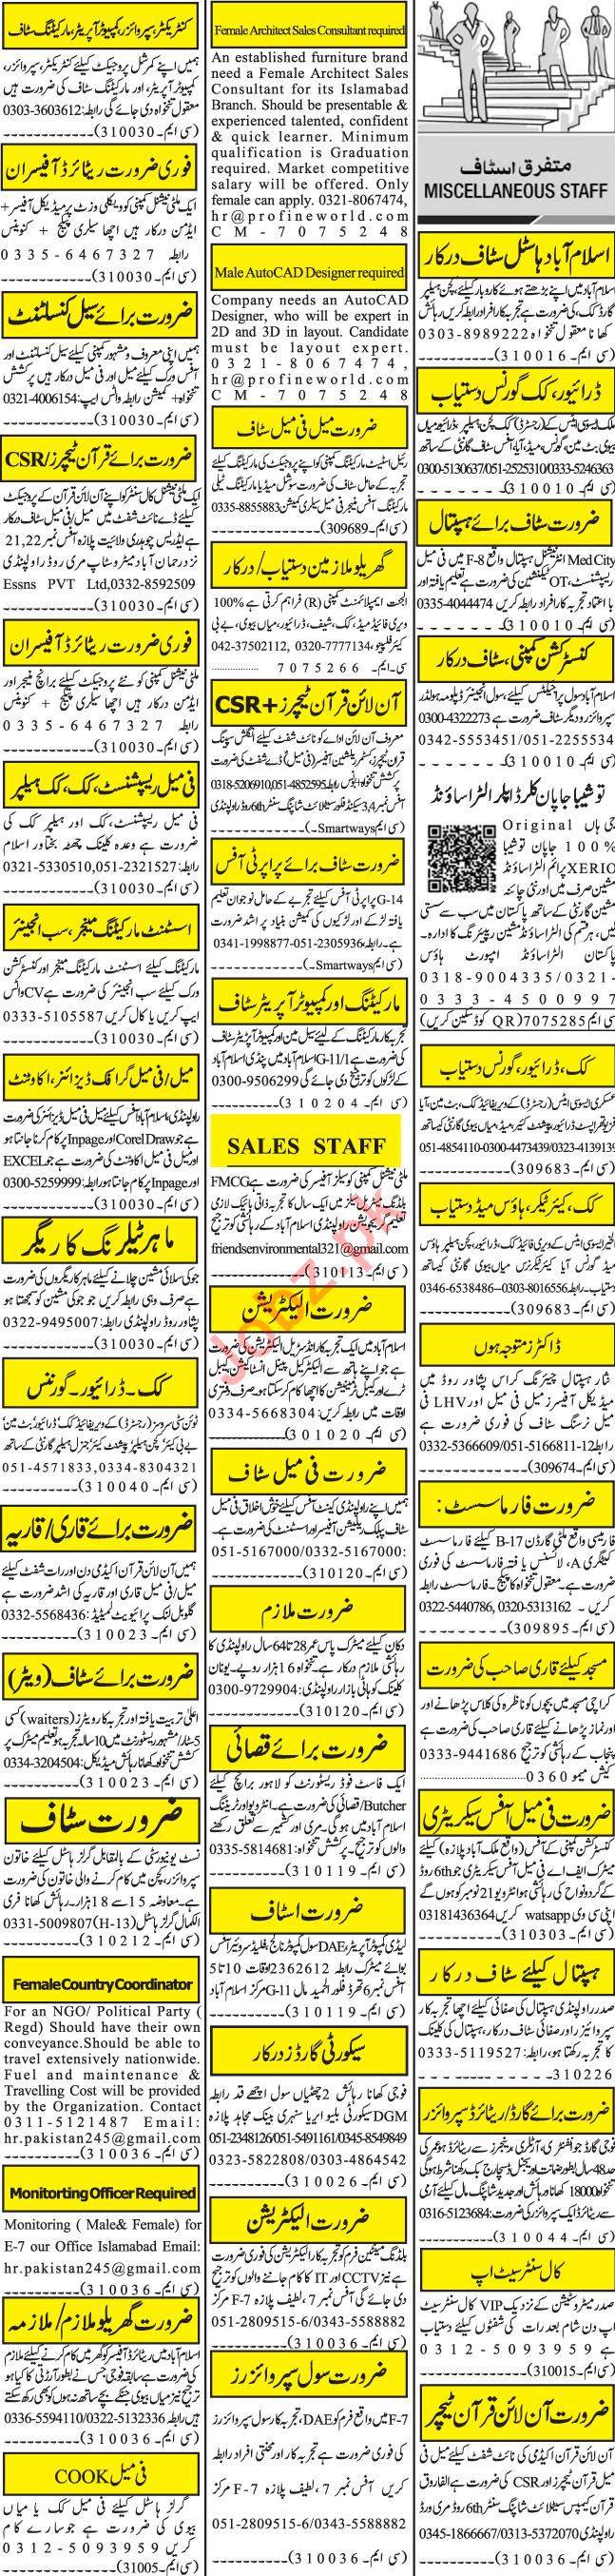 Jang Sunday Rawalpindi Classified Ads 17th Nov 2019